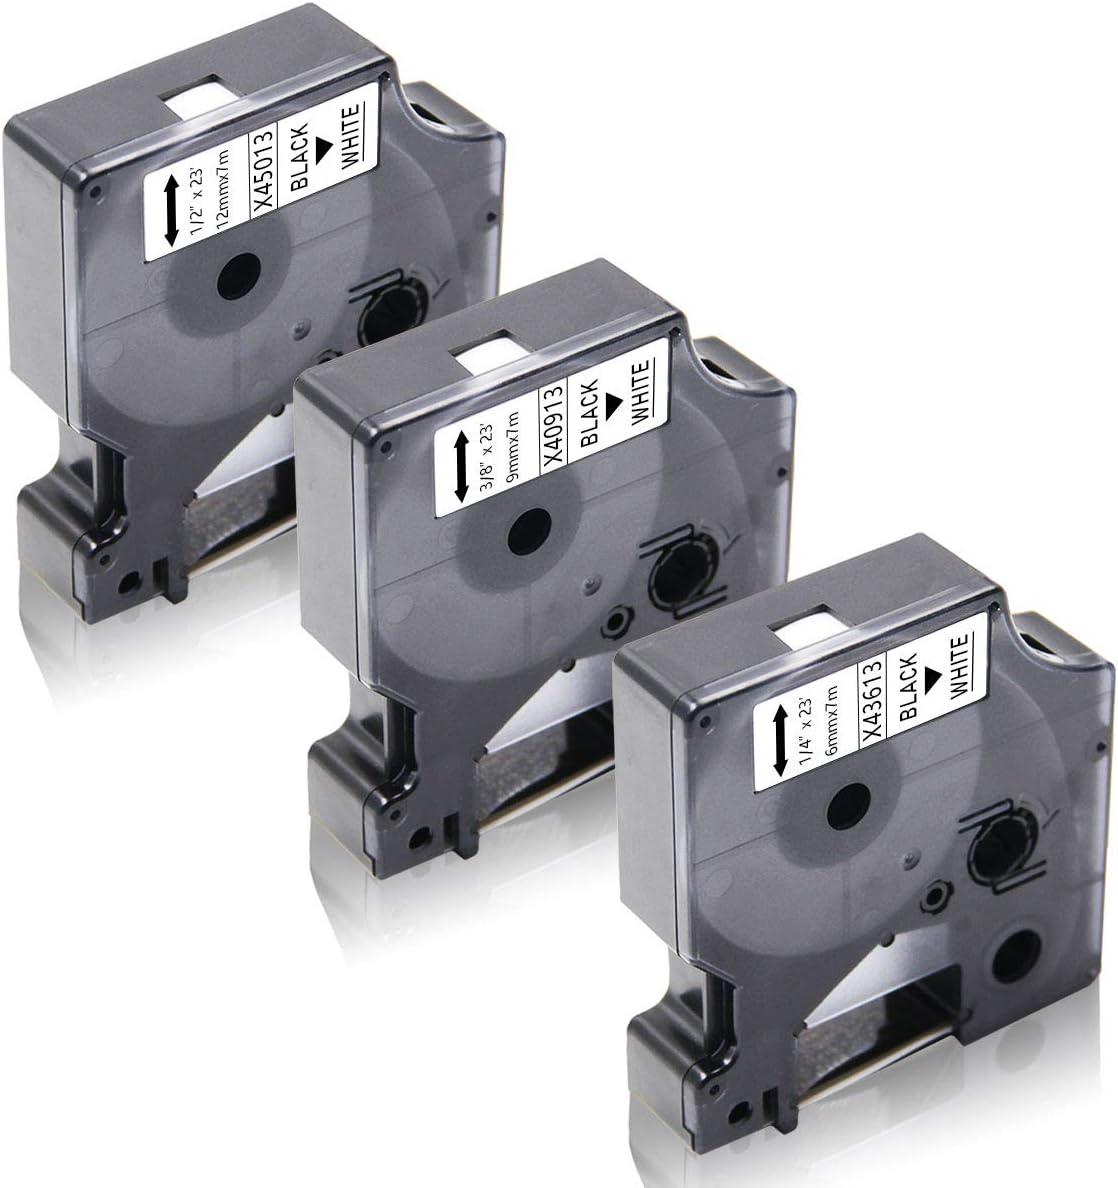 LabelPoint 200 300 400 450 Duo 3 Pacco Xemax Compatibile Nastro 6mm//9mm//12mm x 7m Sostituzione per Dymo 43613 40913 45013 Nero su Bianco Cassette per Dymo LabelManager 120P 160 280 450D 500TS PnP